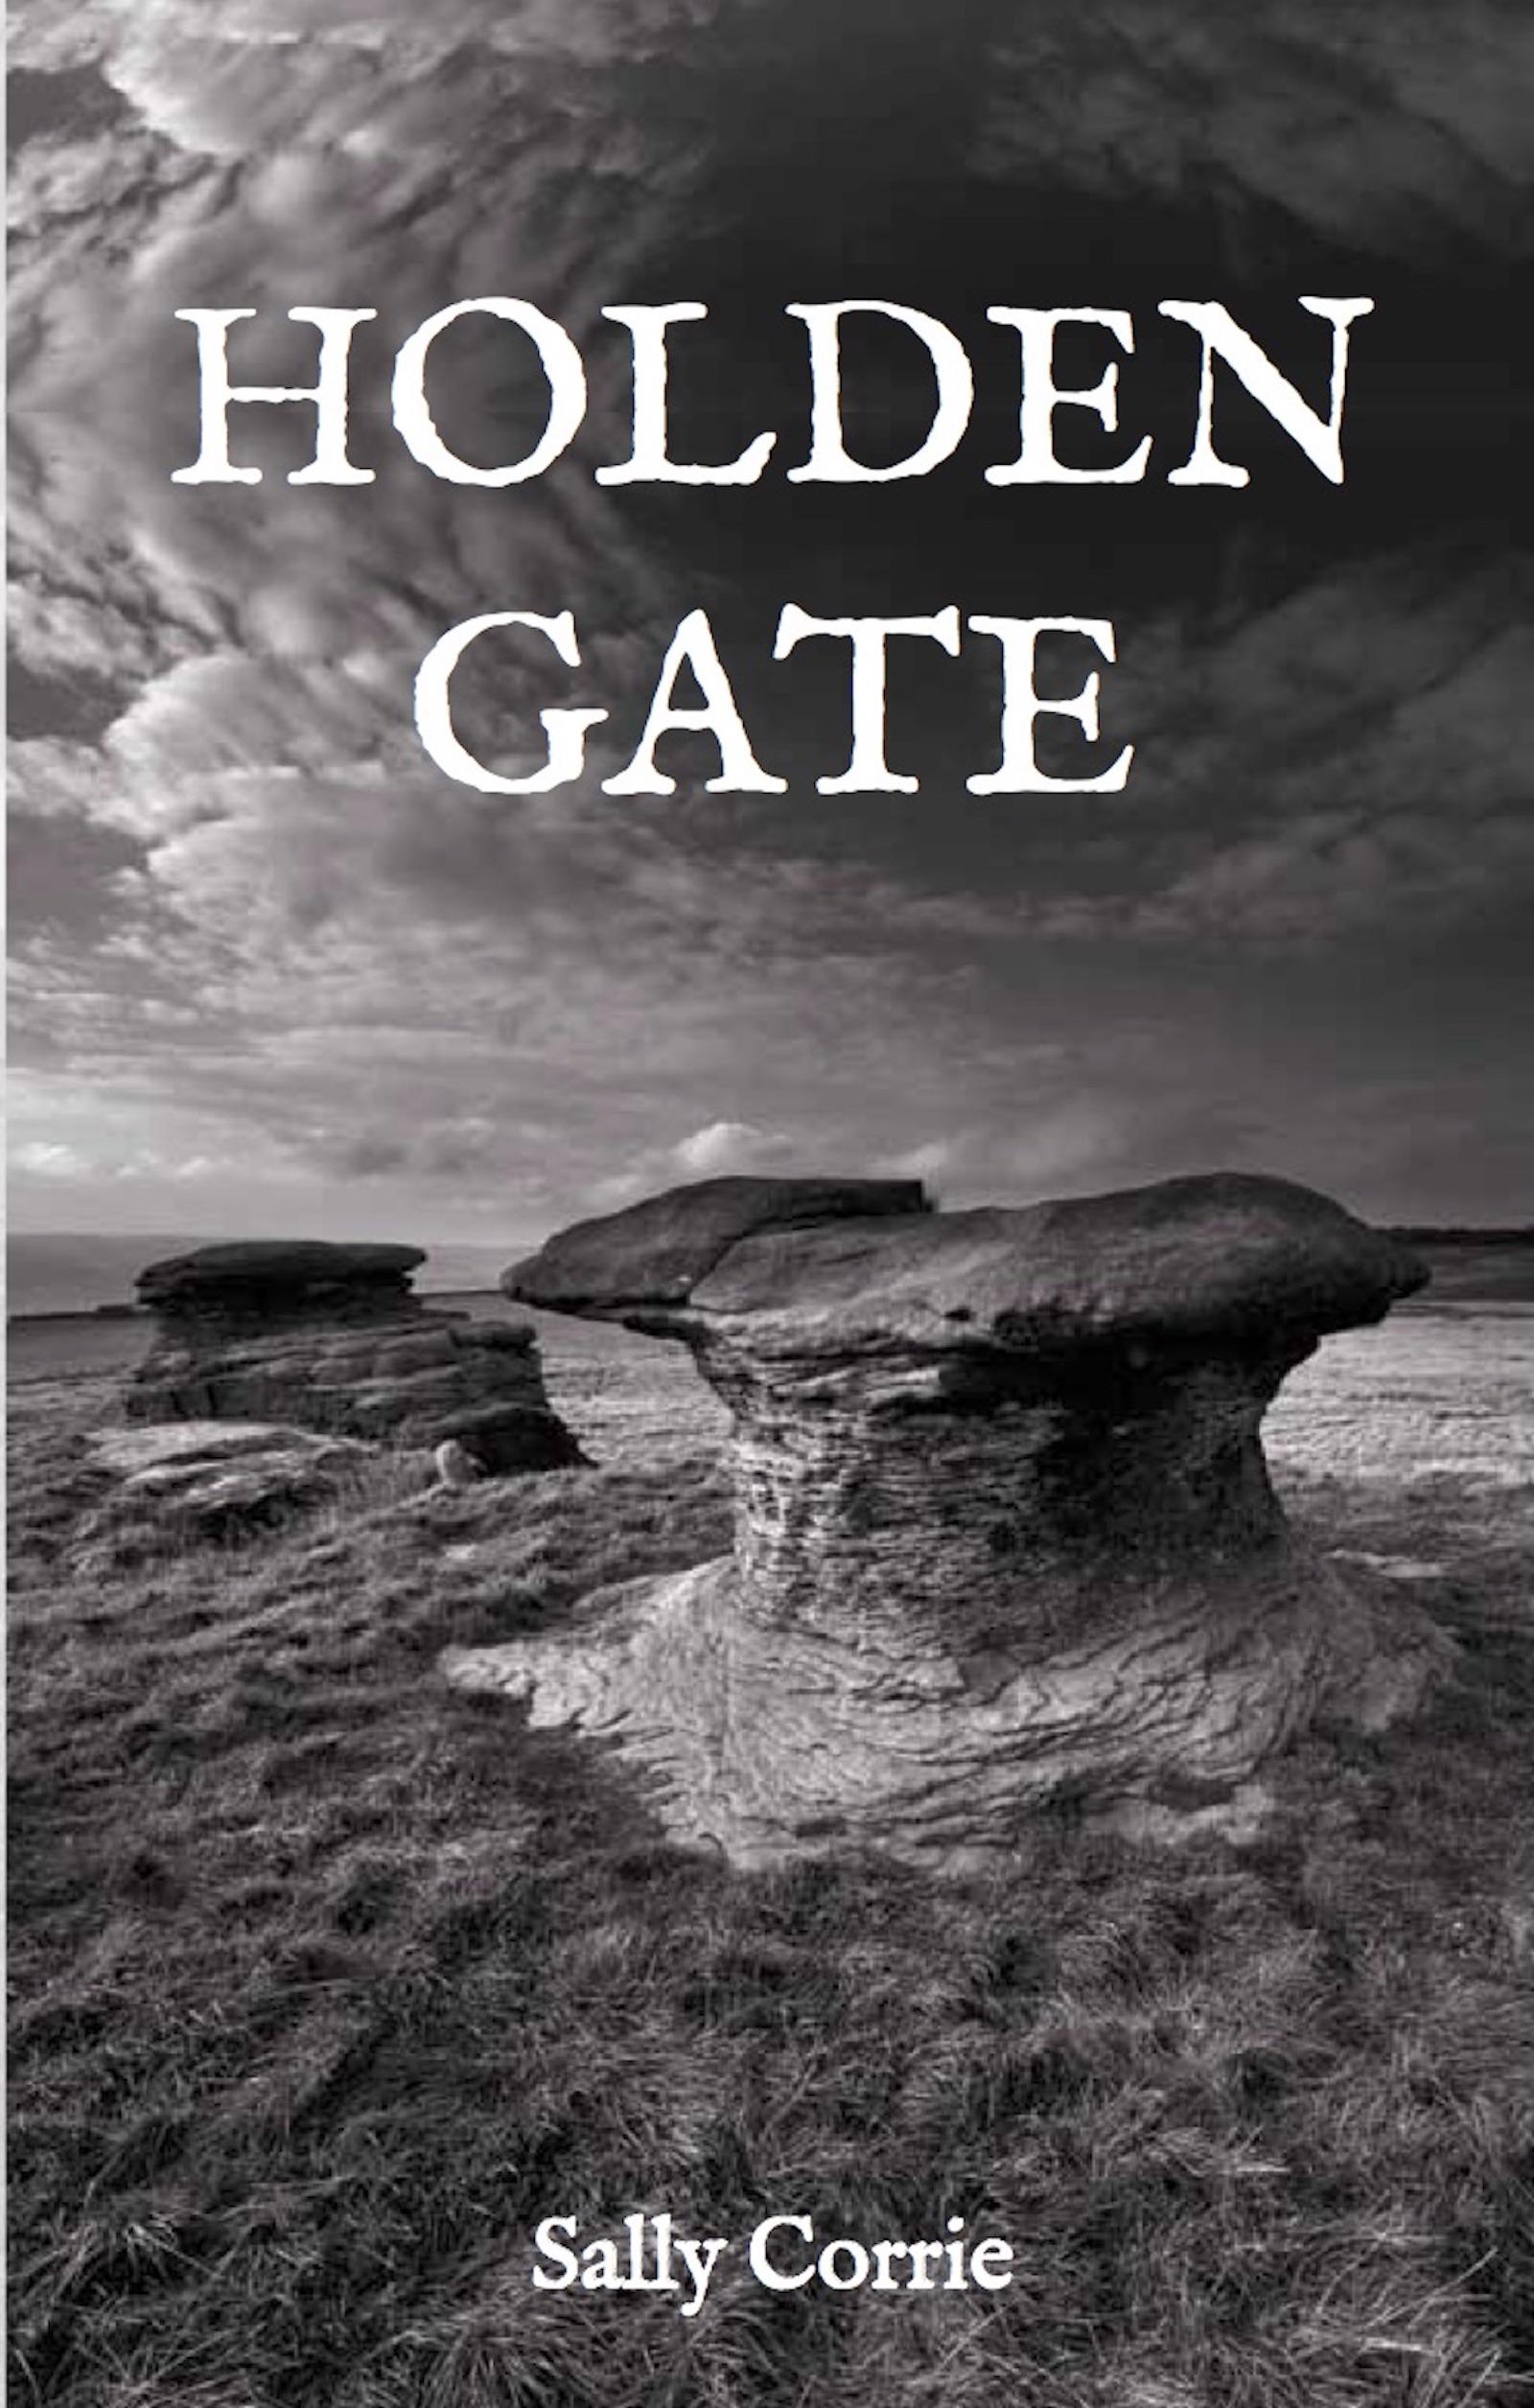 Holden Gate